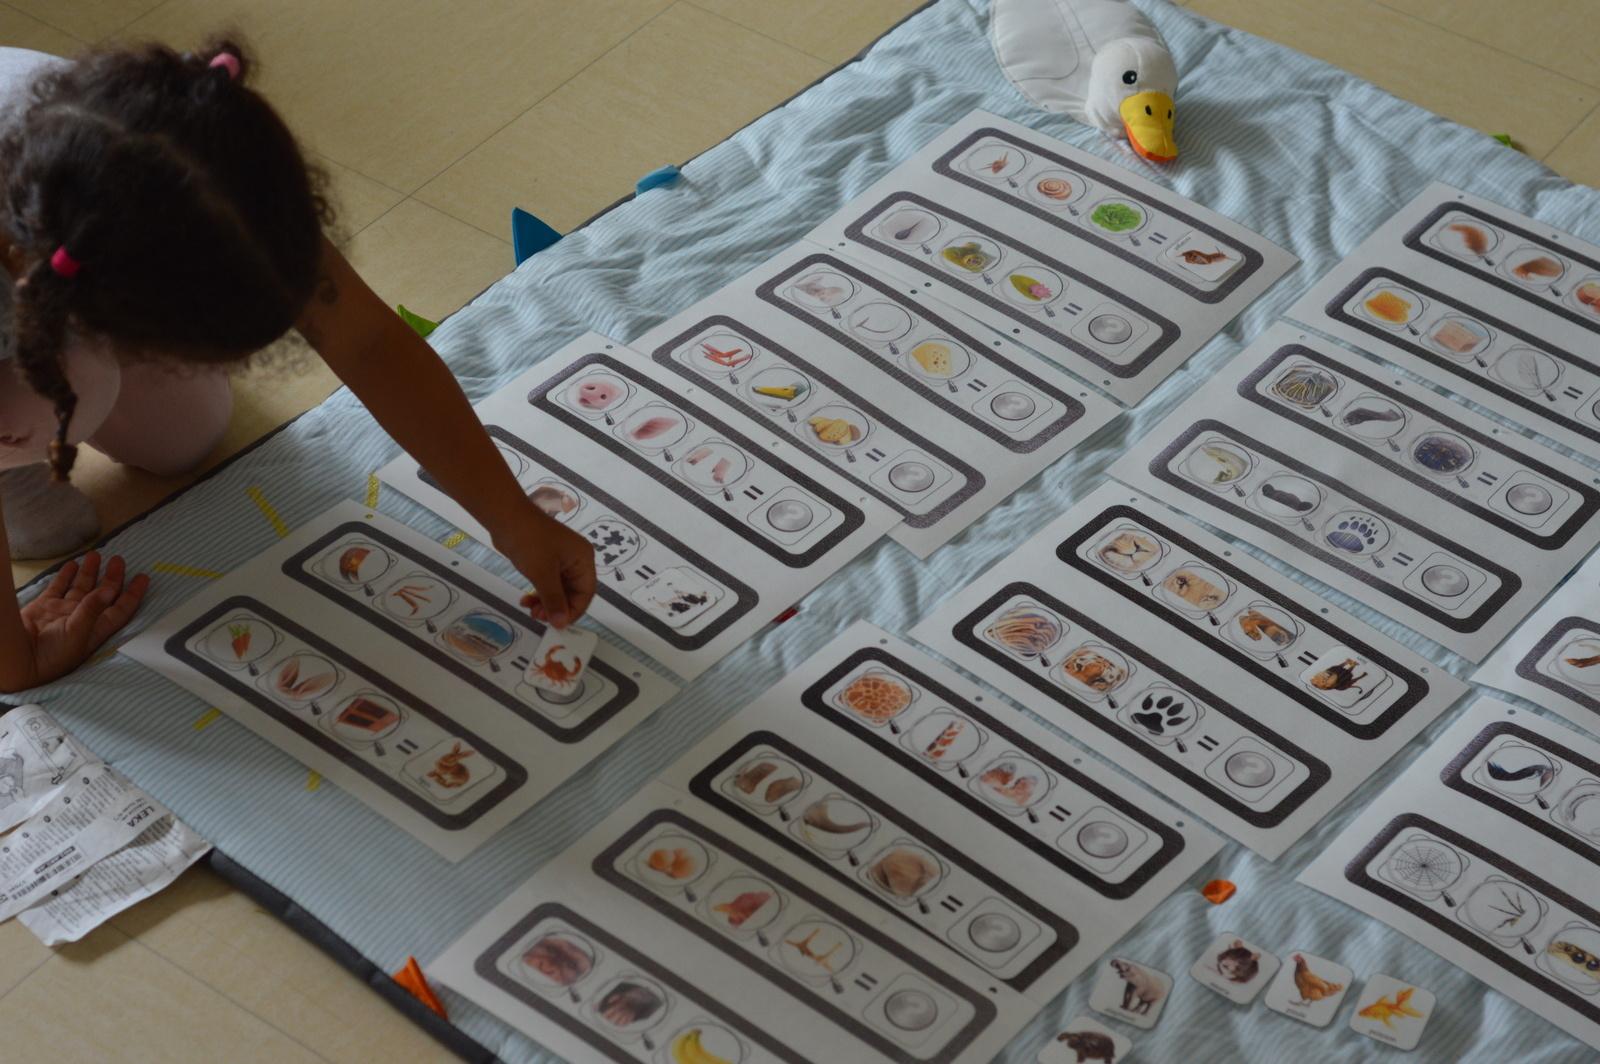 Jeux De Logique À Imprimer - Qui Suis-Je ? - Enfant Bébé Loisir avec Jeux De Logique Gratuits